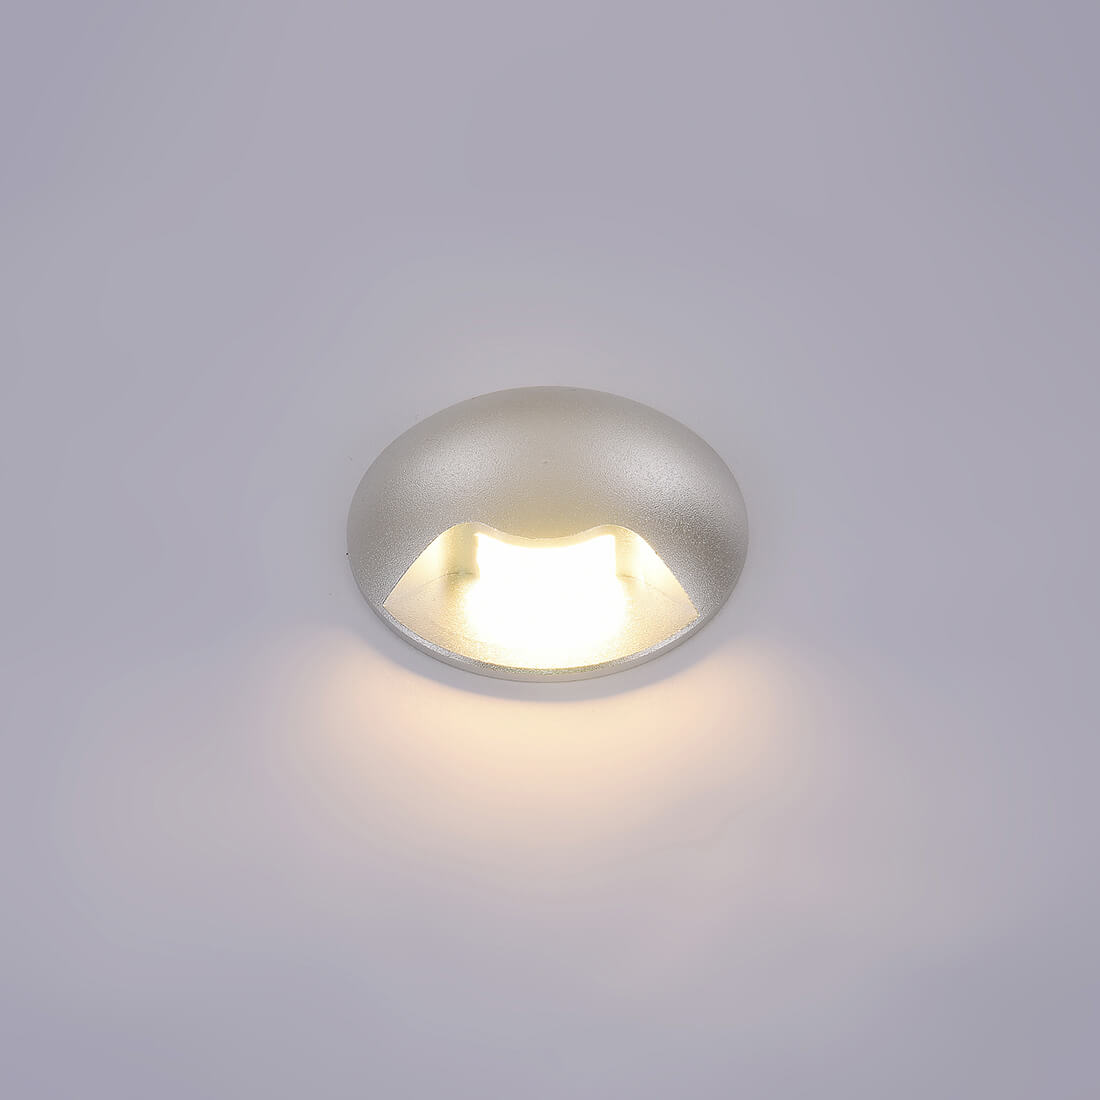 Стенна лампа Basilo I